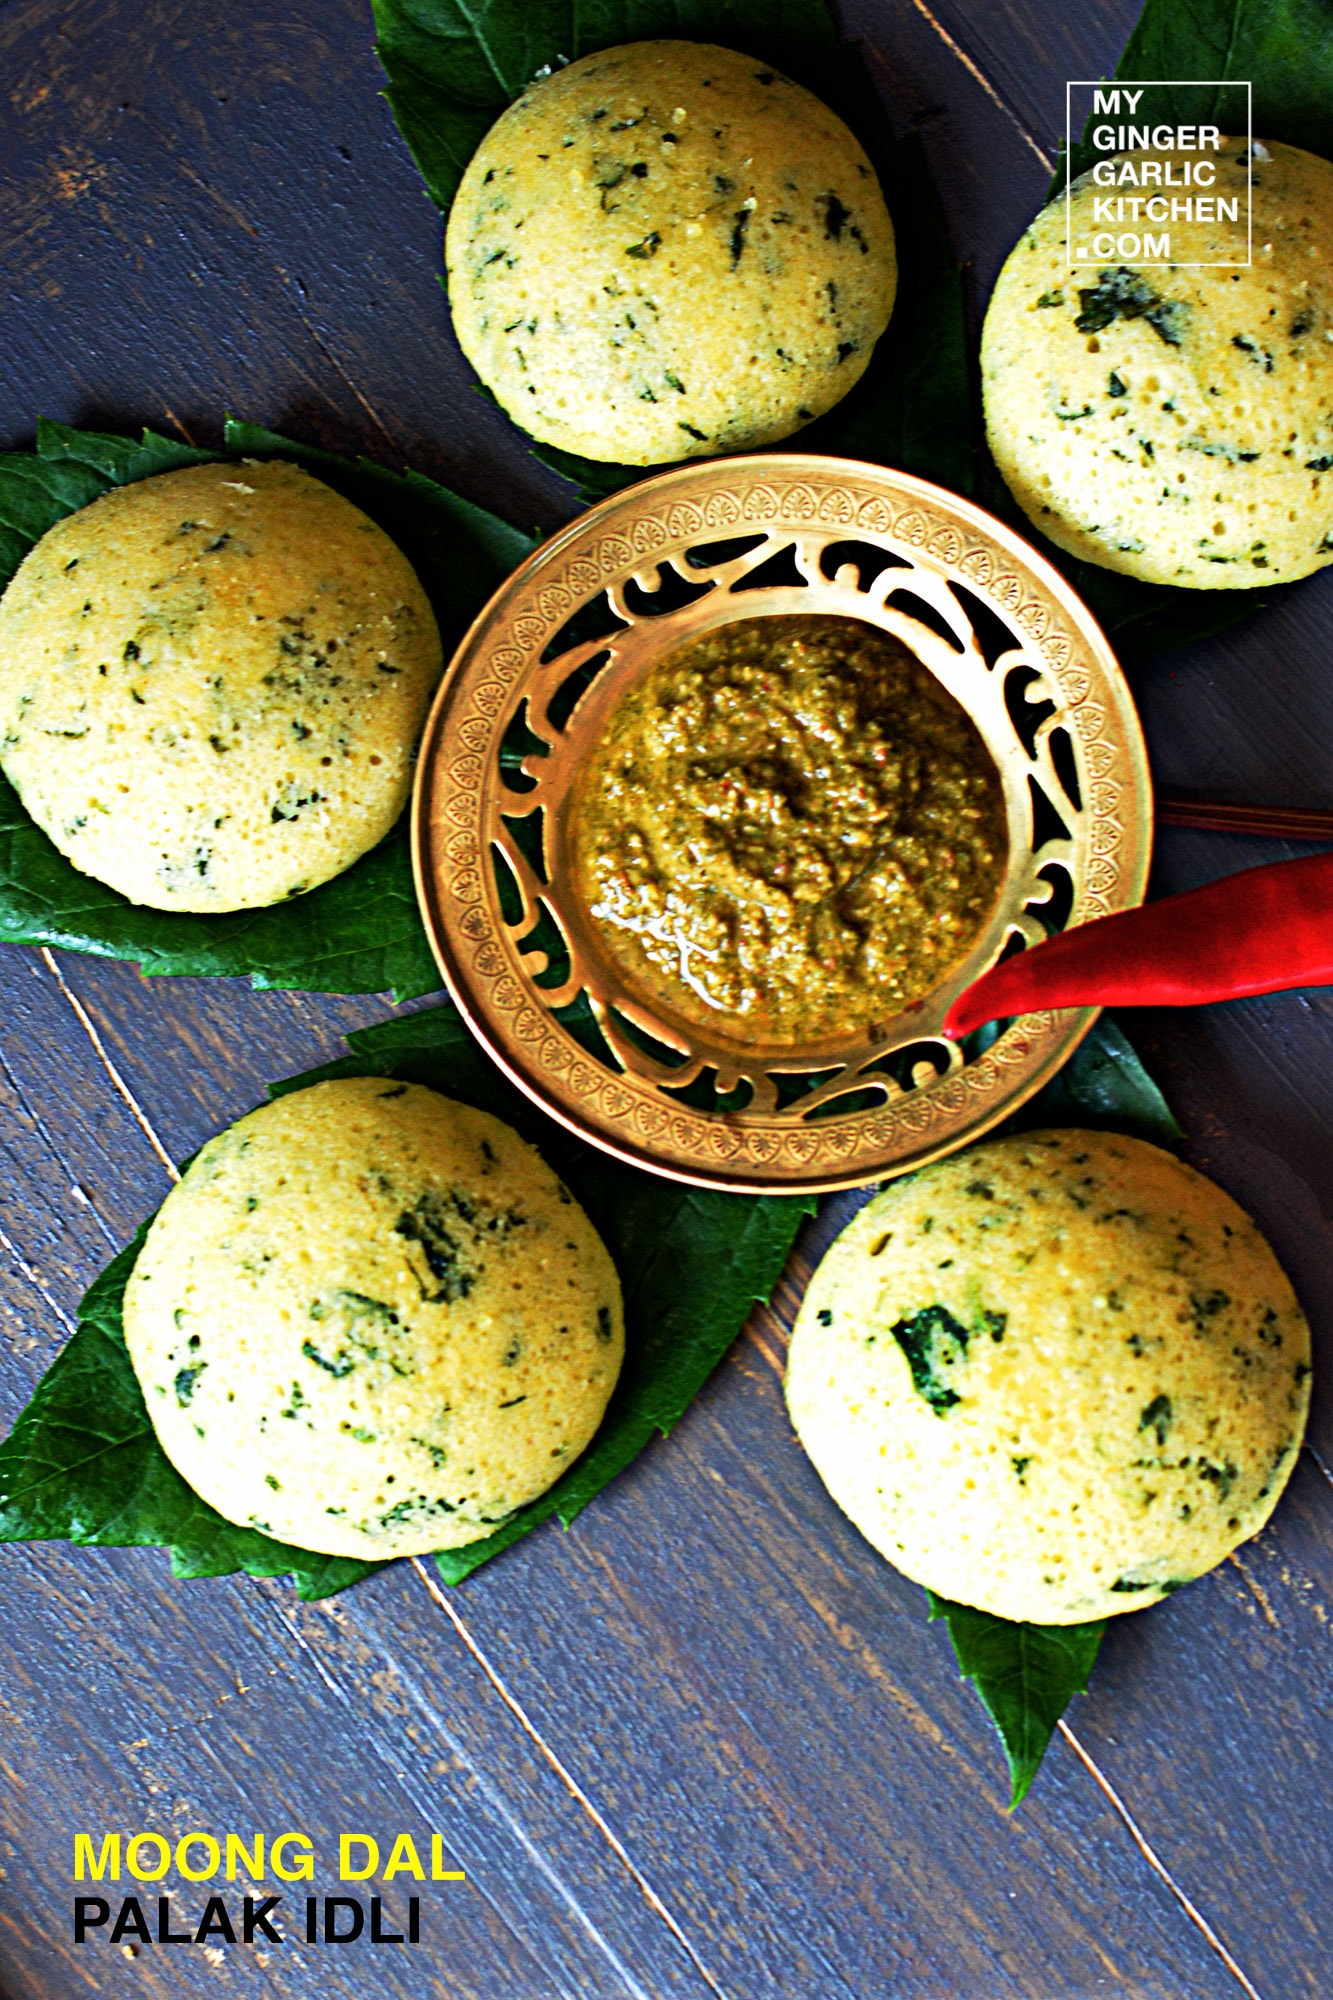 Image - recipe moong dal palak idli anupama paliwal my ginger garlic kitchen 4